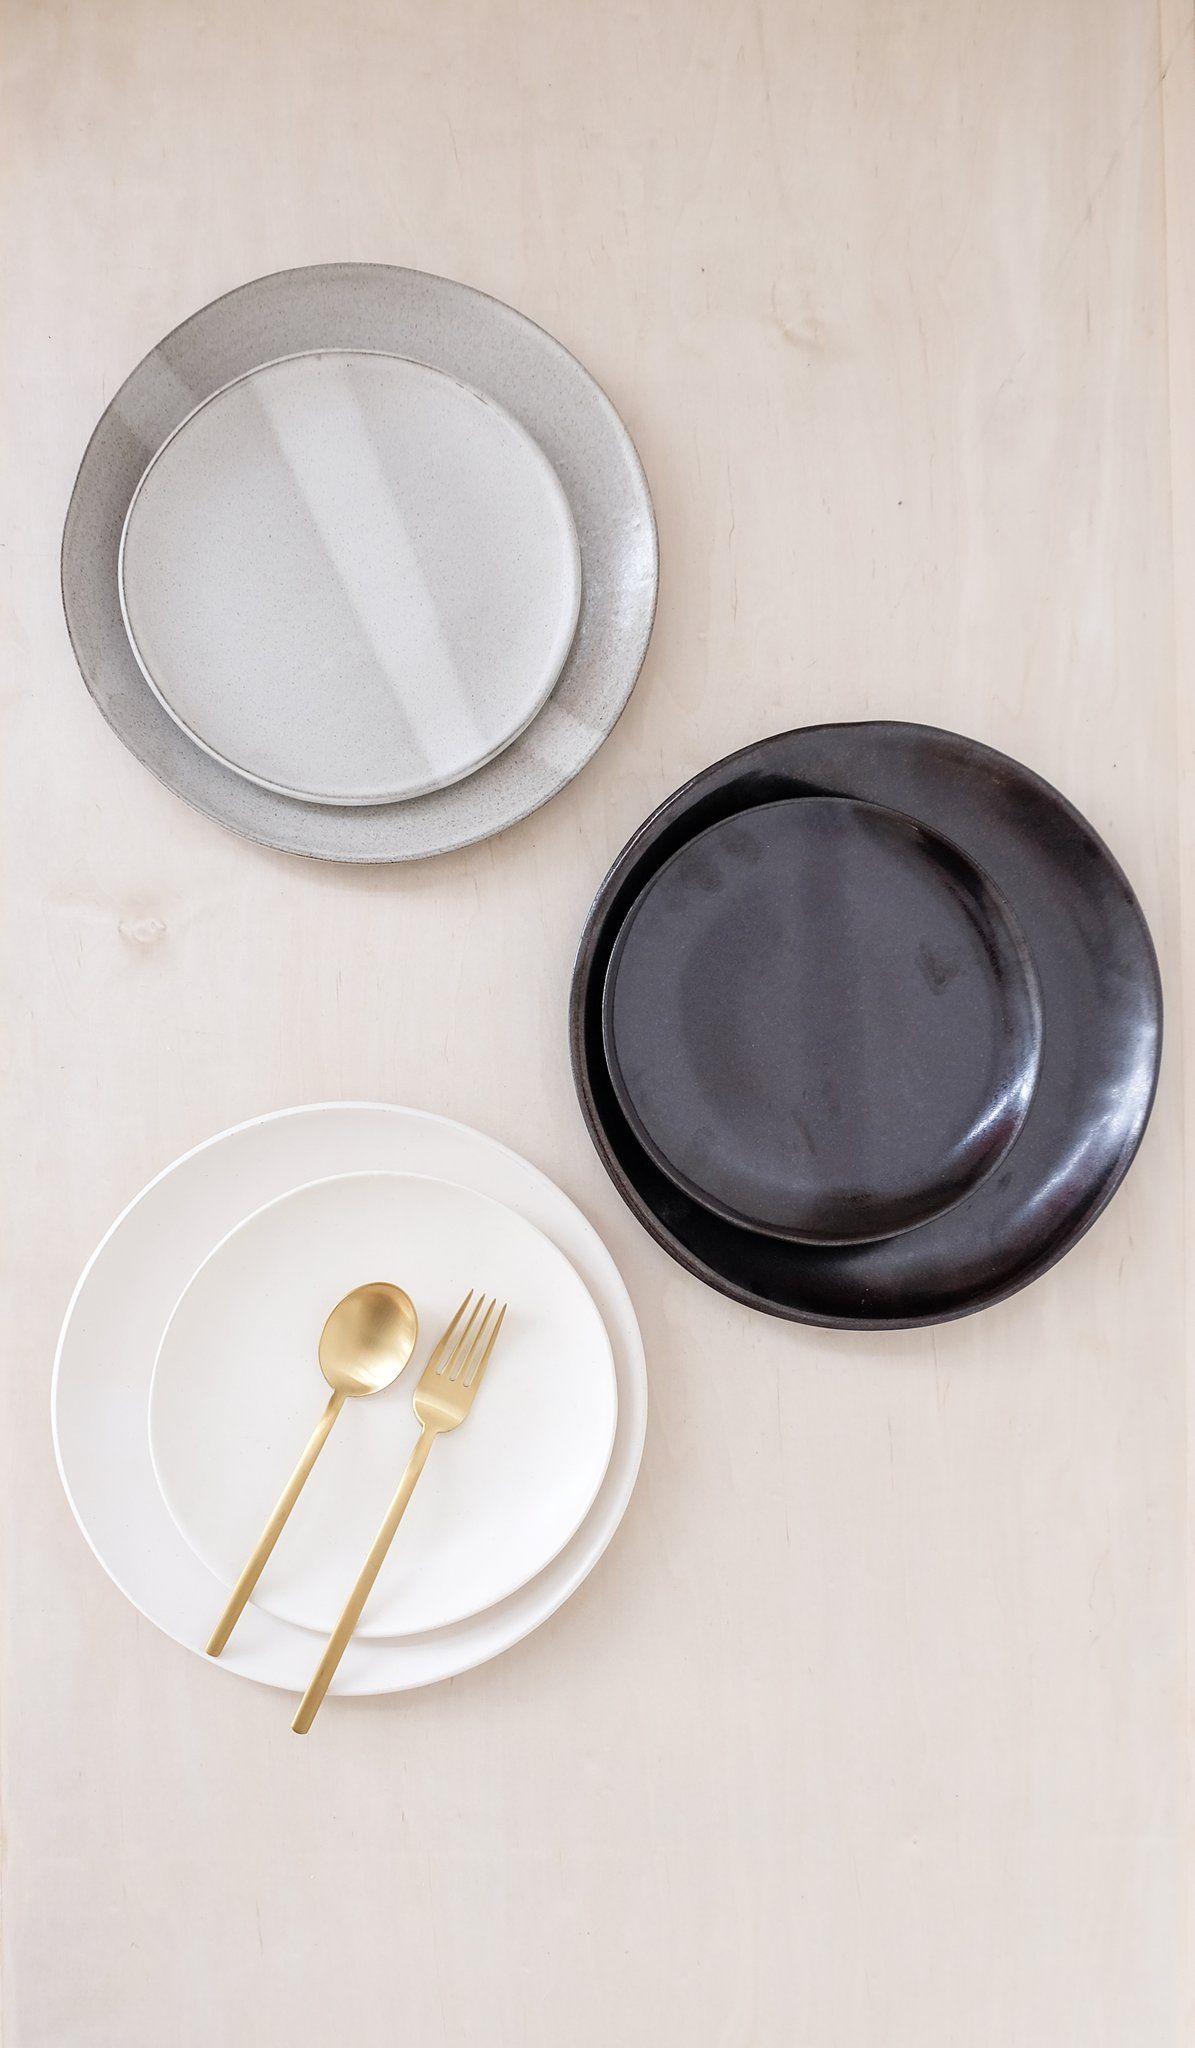 Eric Bonnin Ceramic Plates & Eric Bonnin Ceramic Plates: Set of 4 | Ceramic plates Microwave ...